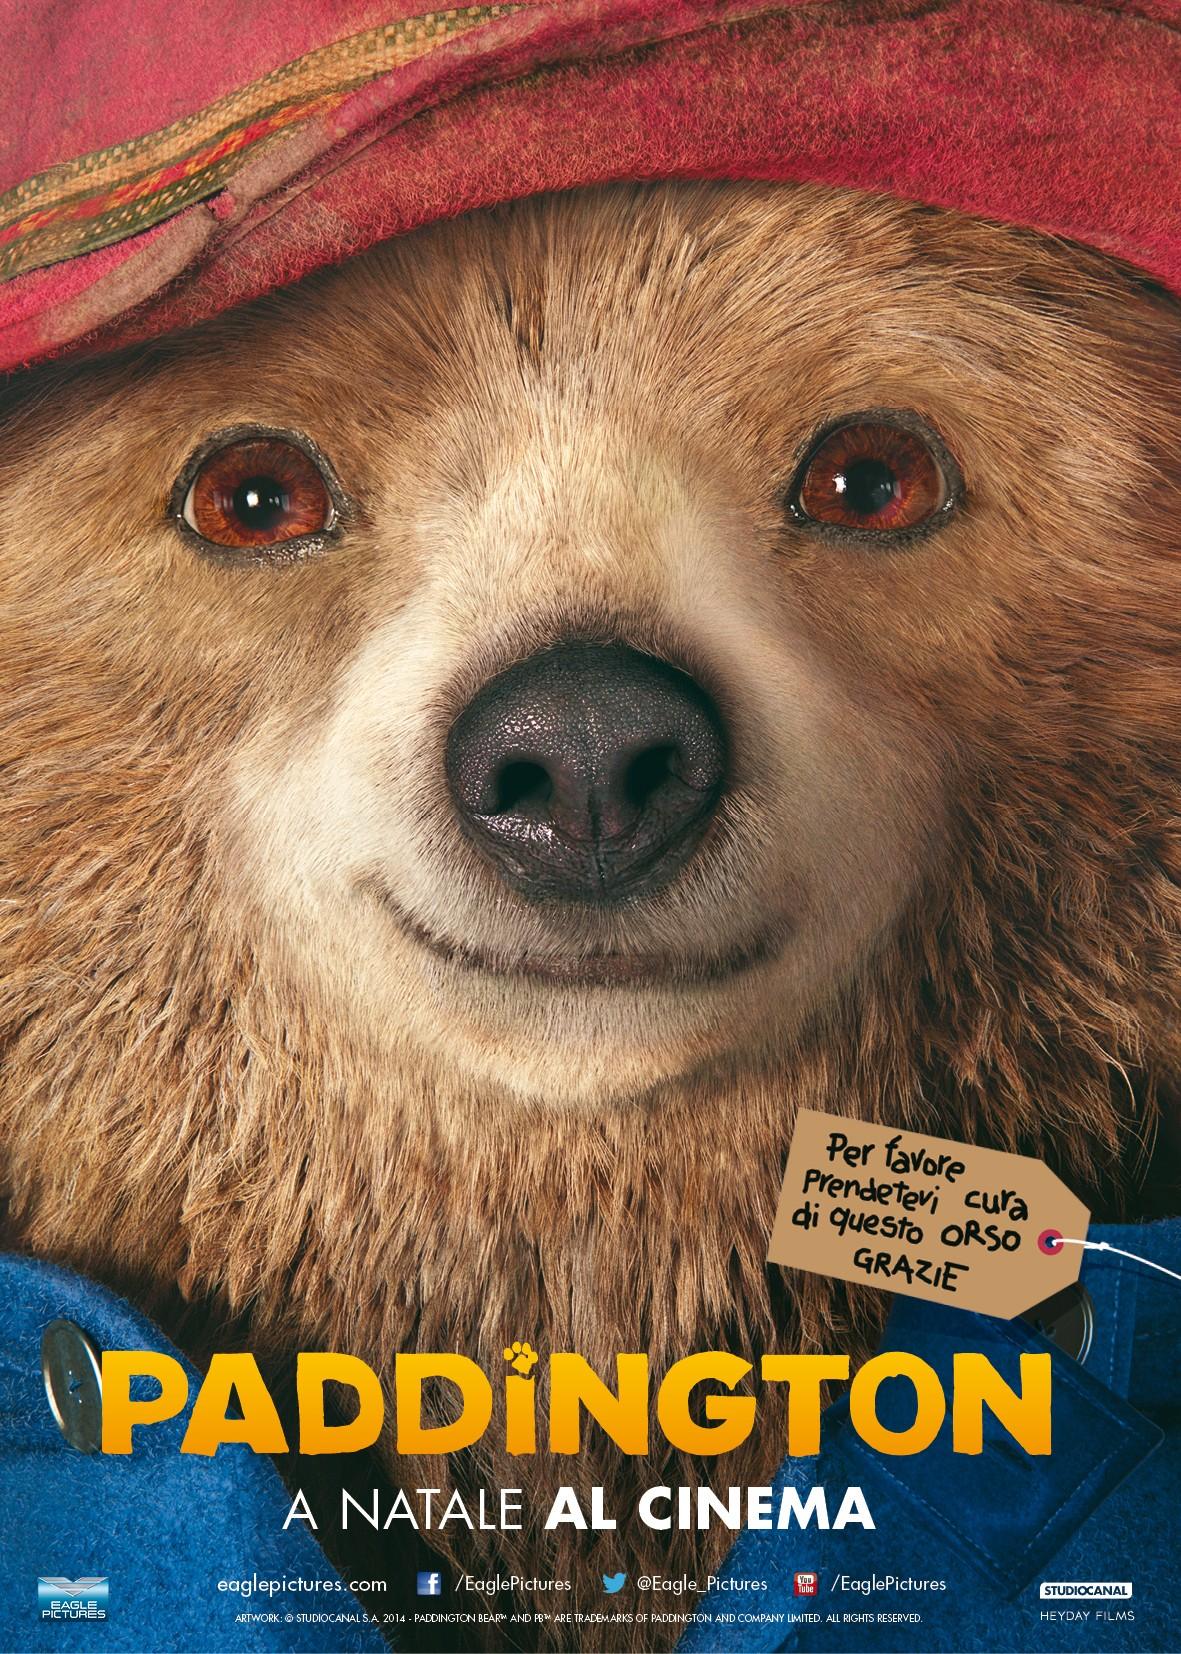 Paddington la recensione darkside cinema for Affittare una cabina nel grande orso